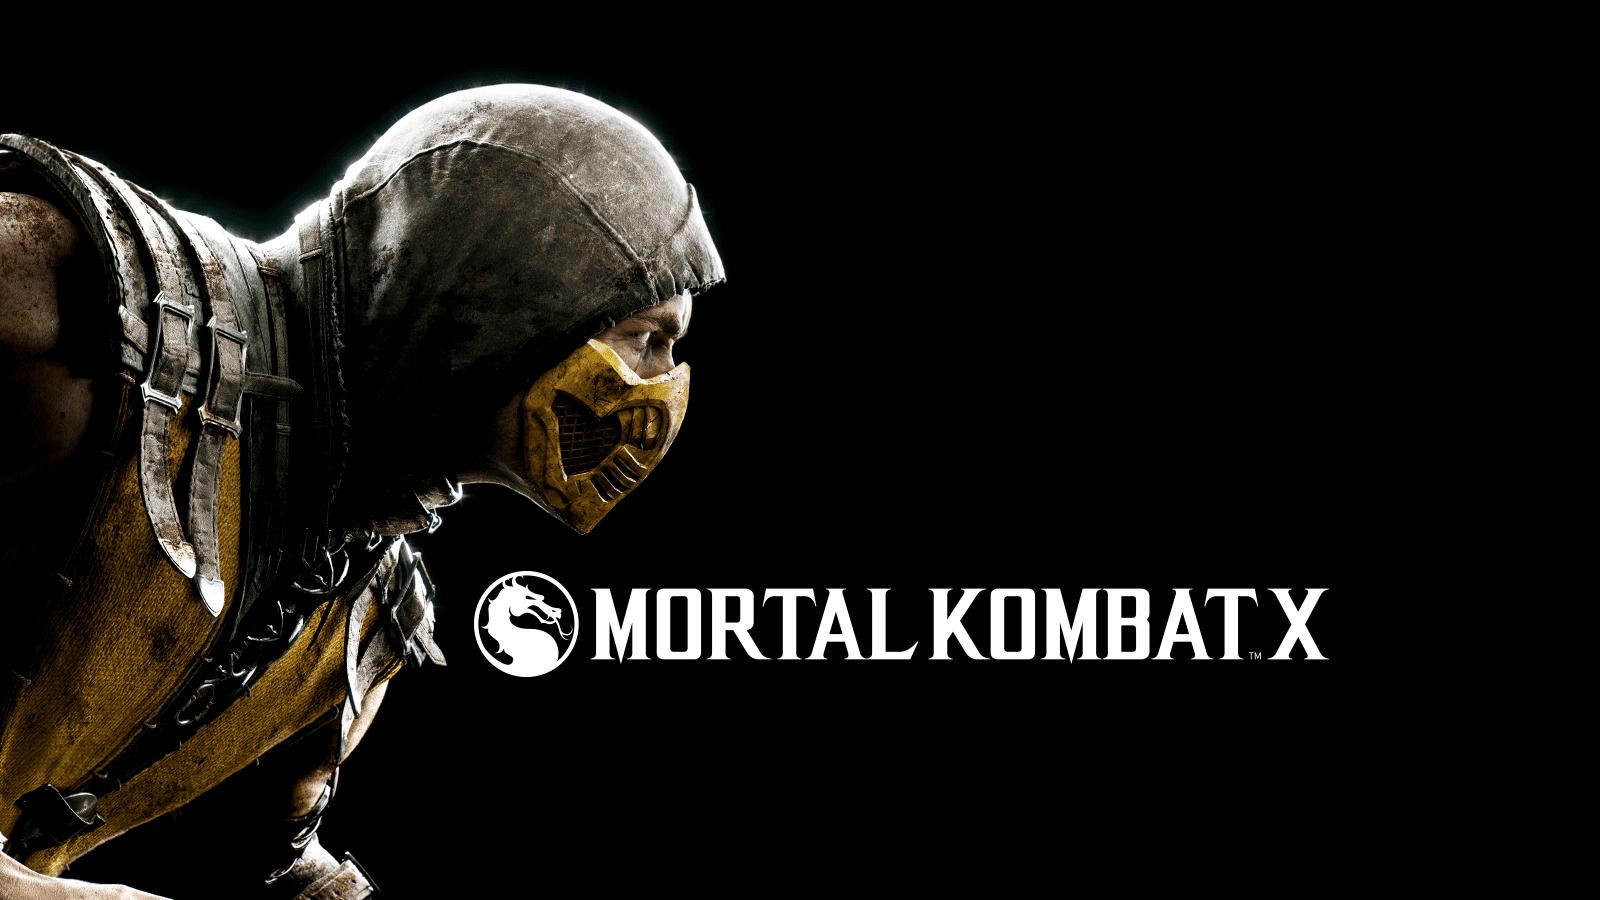 Mortal kombat x release date ps4 in Brisbane